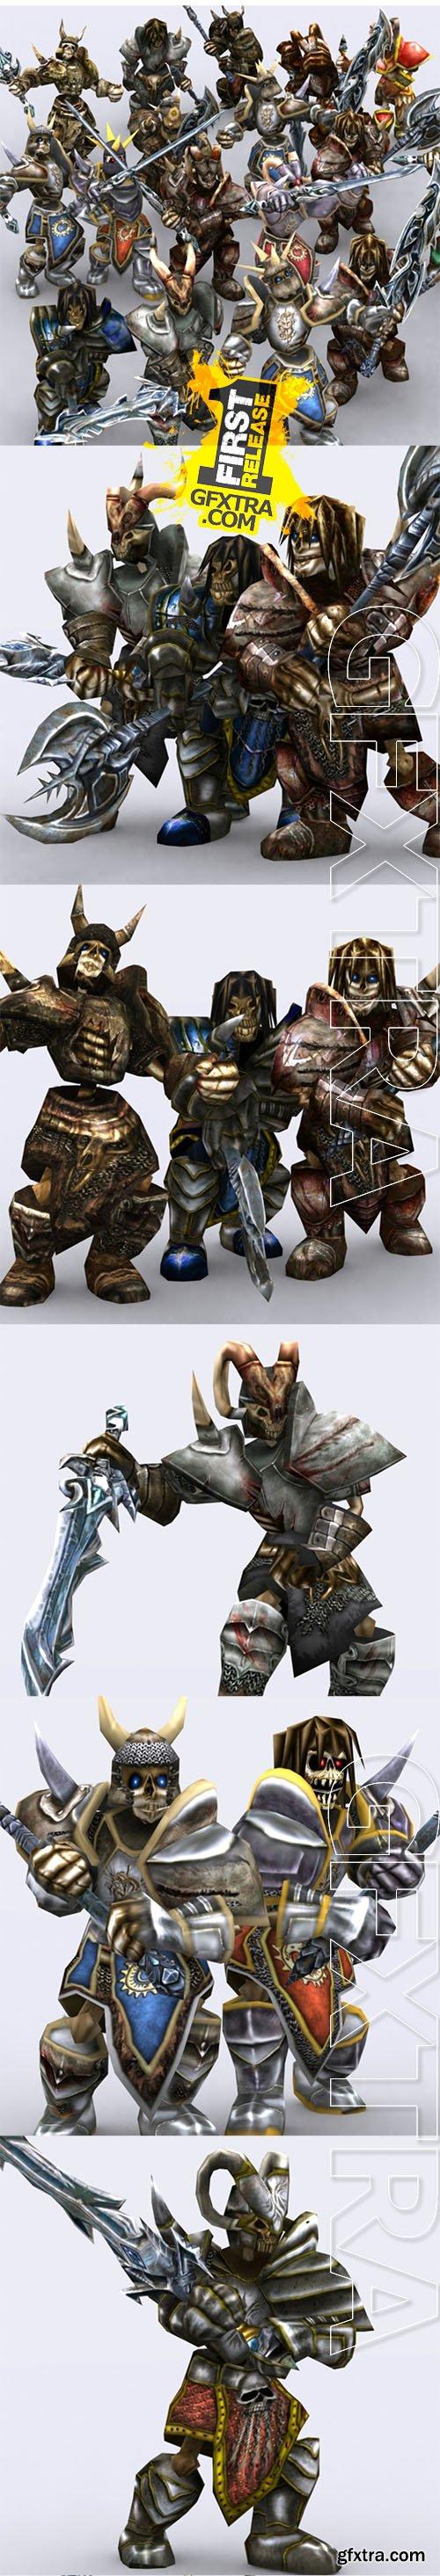 Cubebrush - 3DRT - Skeletons warriors pack